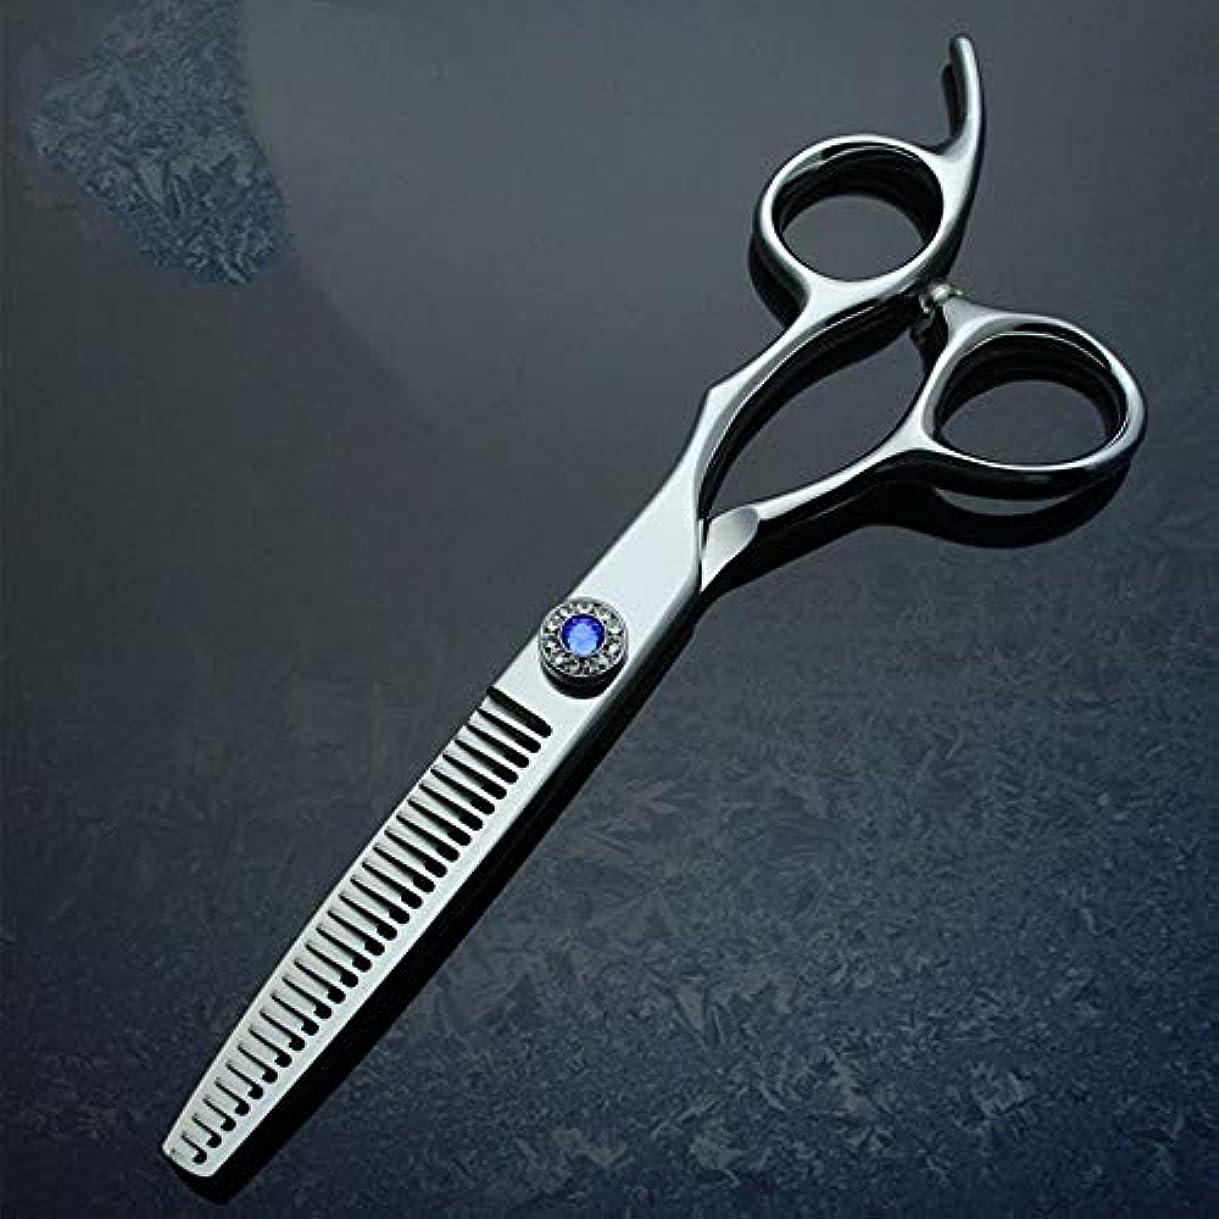 Goodsok-jp 6インチパイプハンドルプロフェッショナルハイエンド理髪はさみ間伐歯はさみセット (色 : 青)